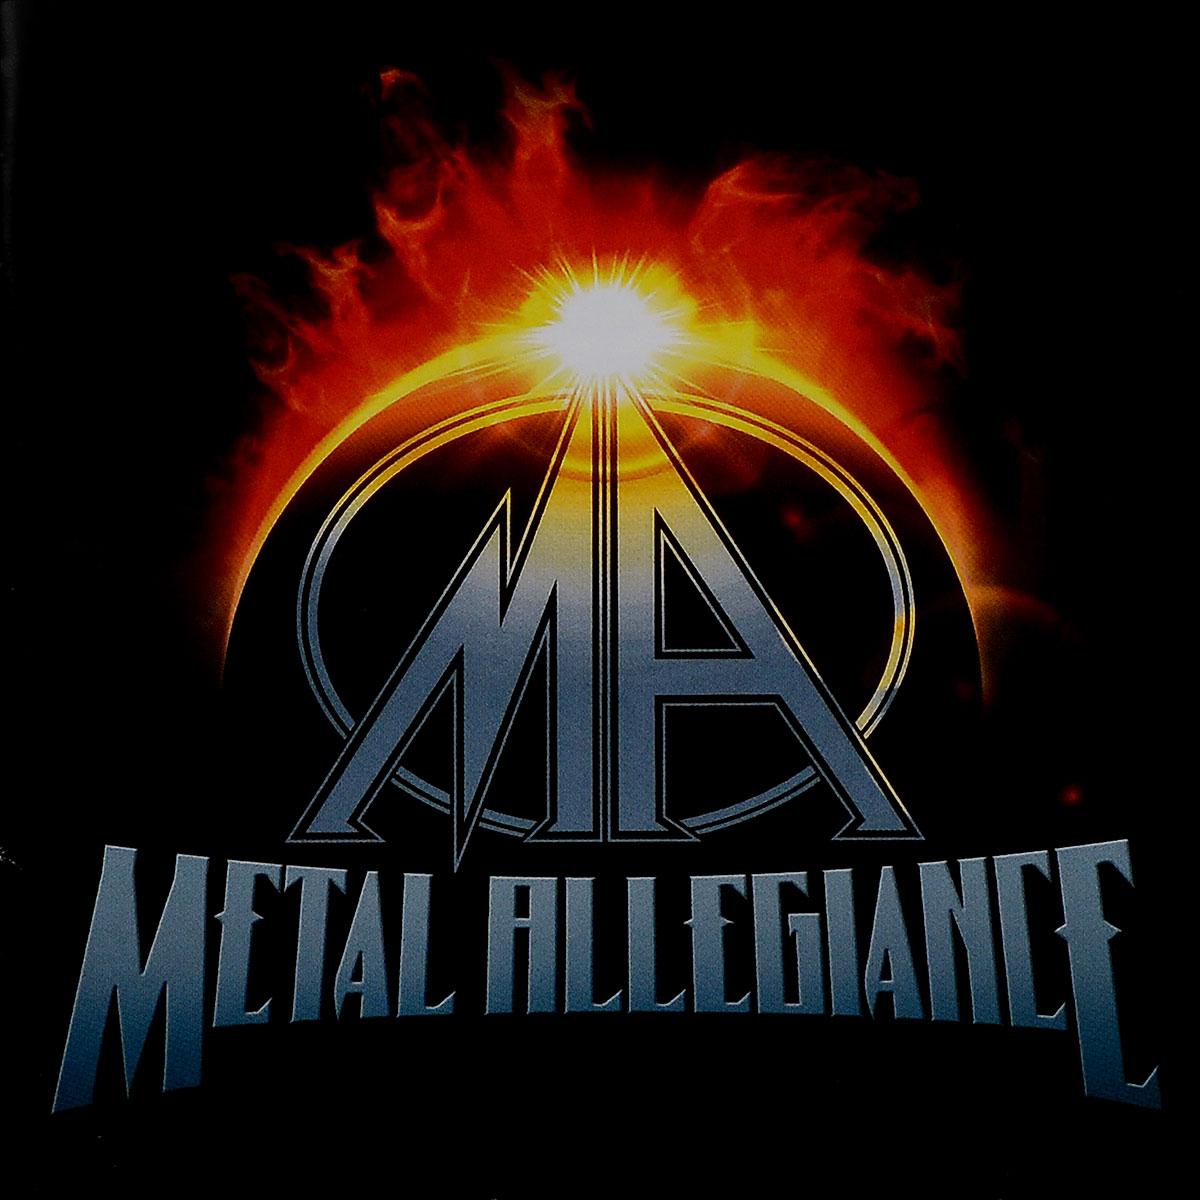 Metal Allegiance Metal Allegiance. Metal Allegiance duty of allegiance